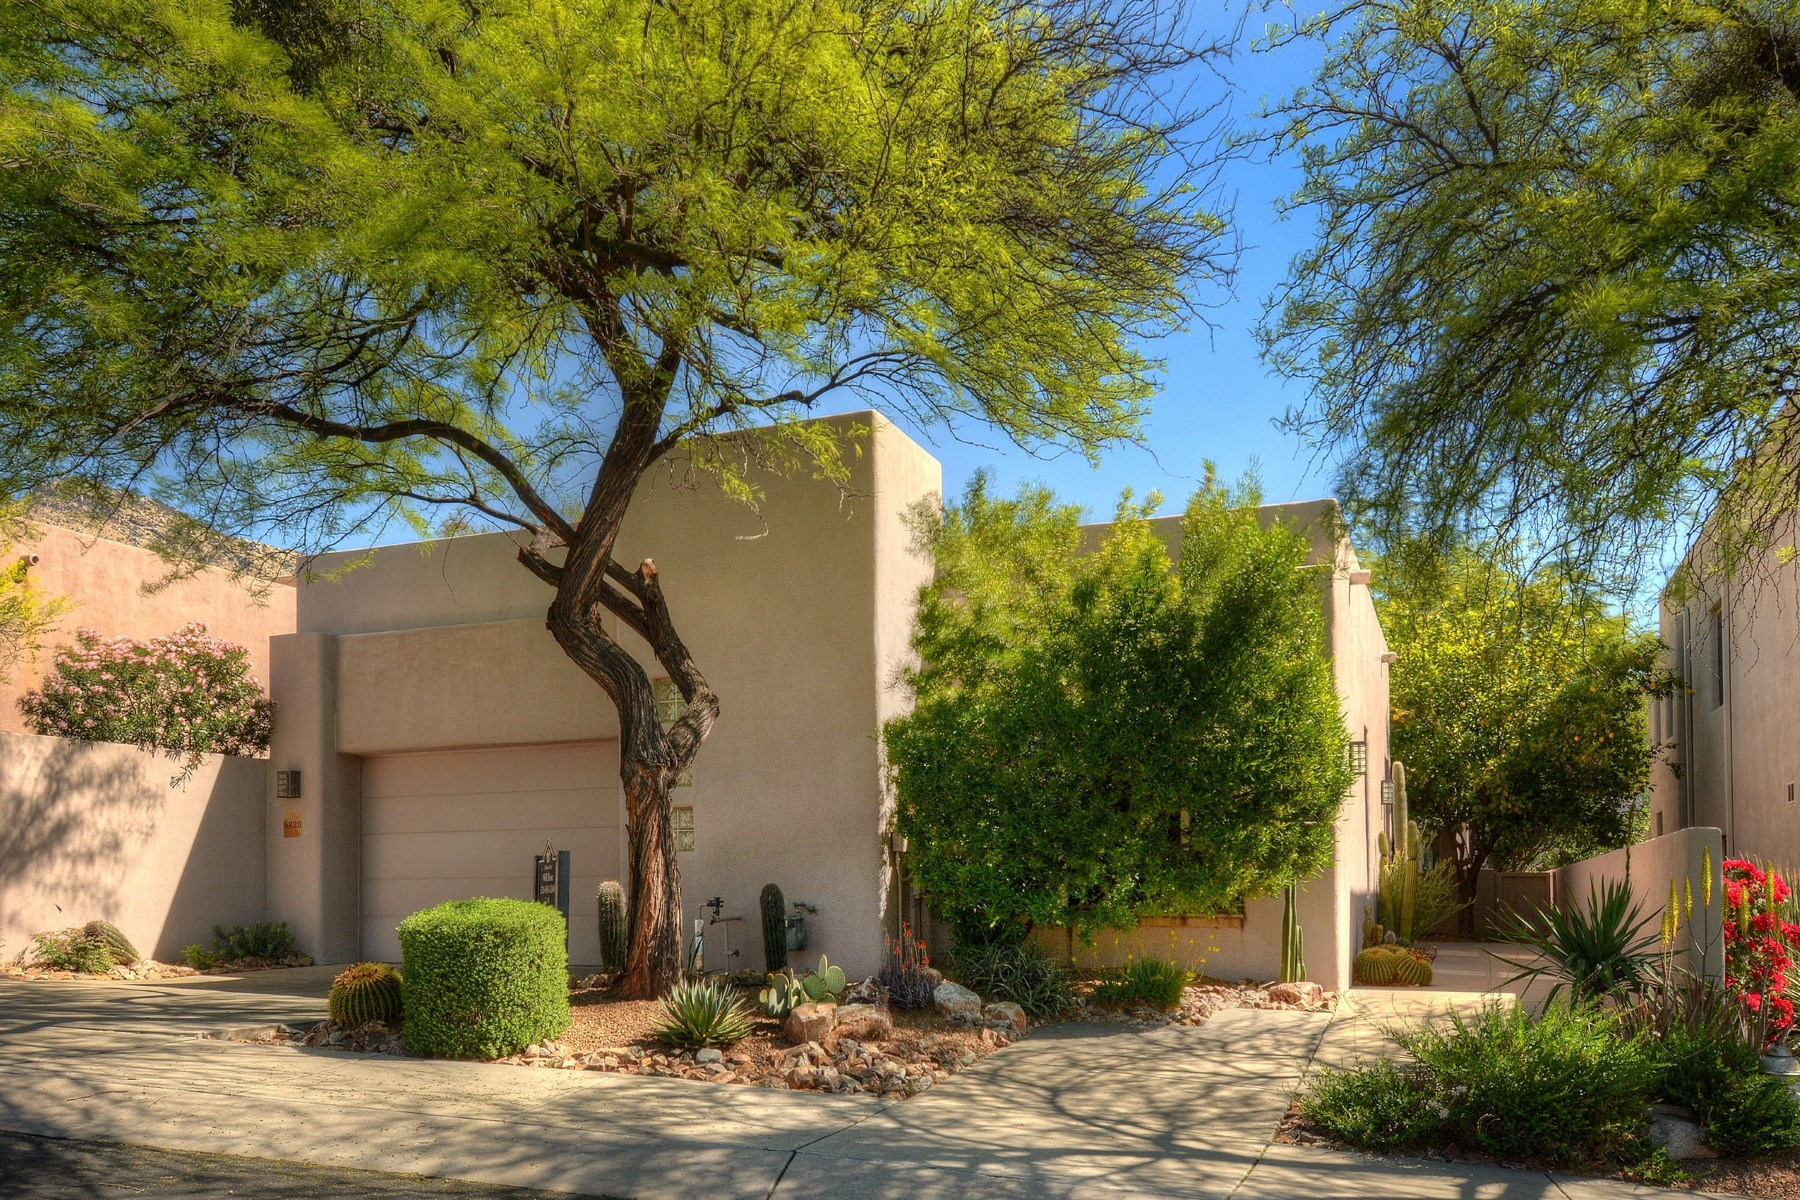 Частный односемейный дом для того Продажа на Sensational one level custom home 6228 N Ventana View Place Tucson, Аризона, 85750 Соединенные Штаты